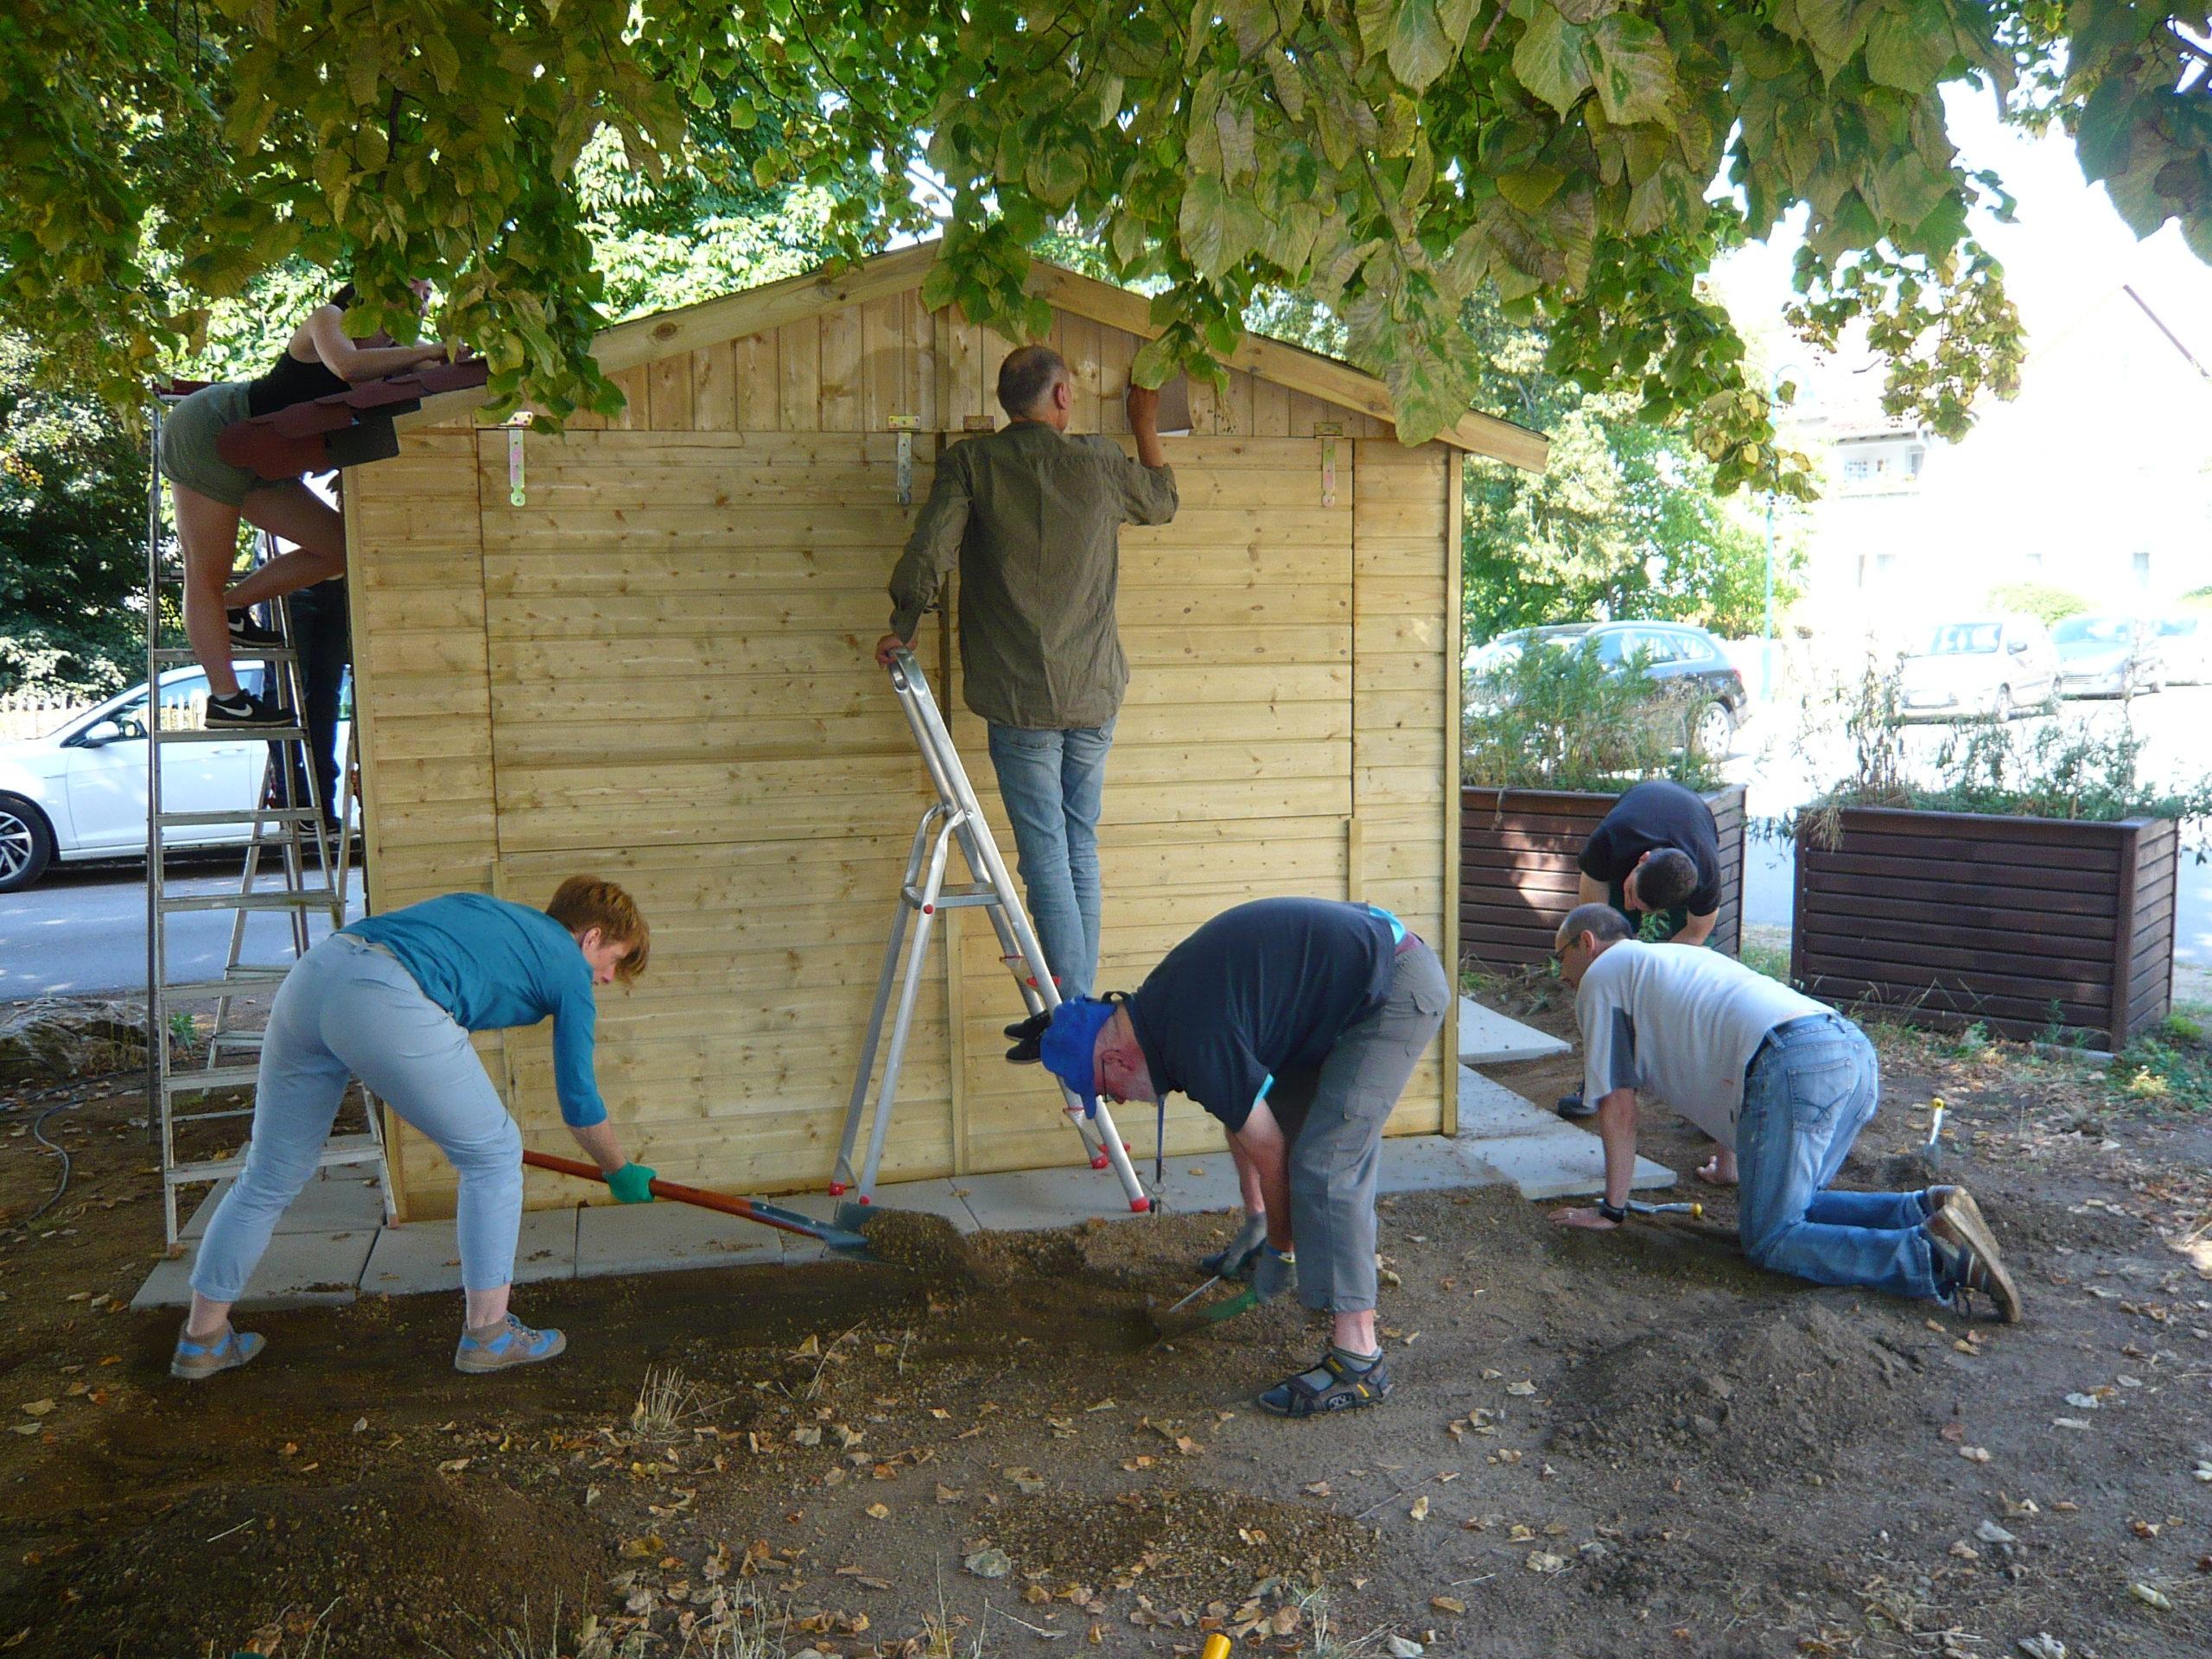 Hüttenbau-Aktion: Dritte Runde am gestrigen Samstag – es geht voran!